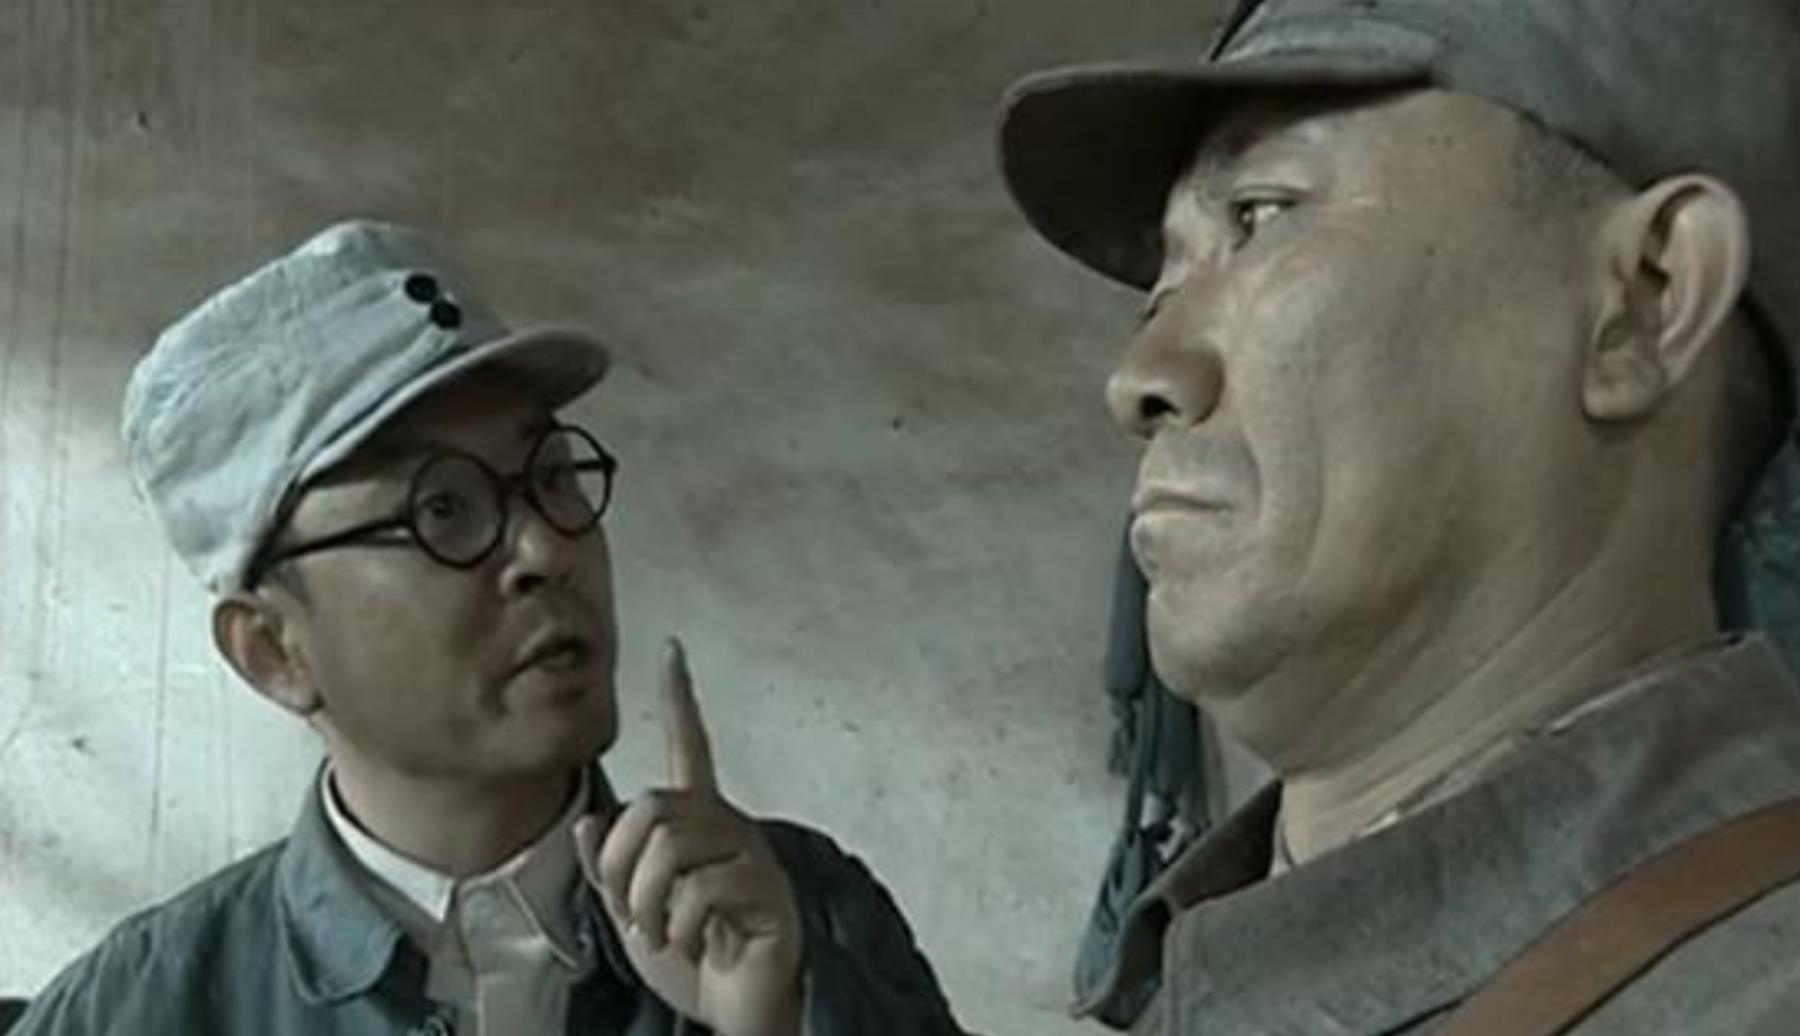 天空彩票_亮剑:李云龙为什么看见旅长就秒怂?绝非官大一级压死人那么简单